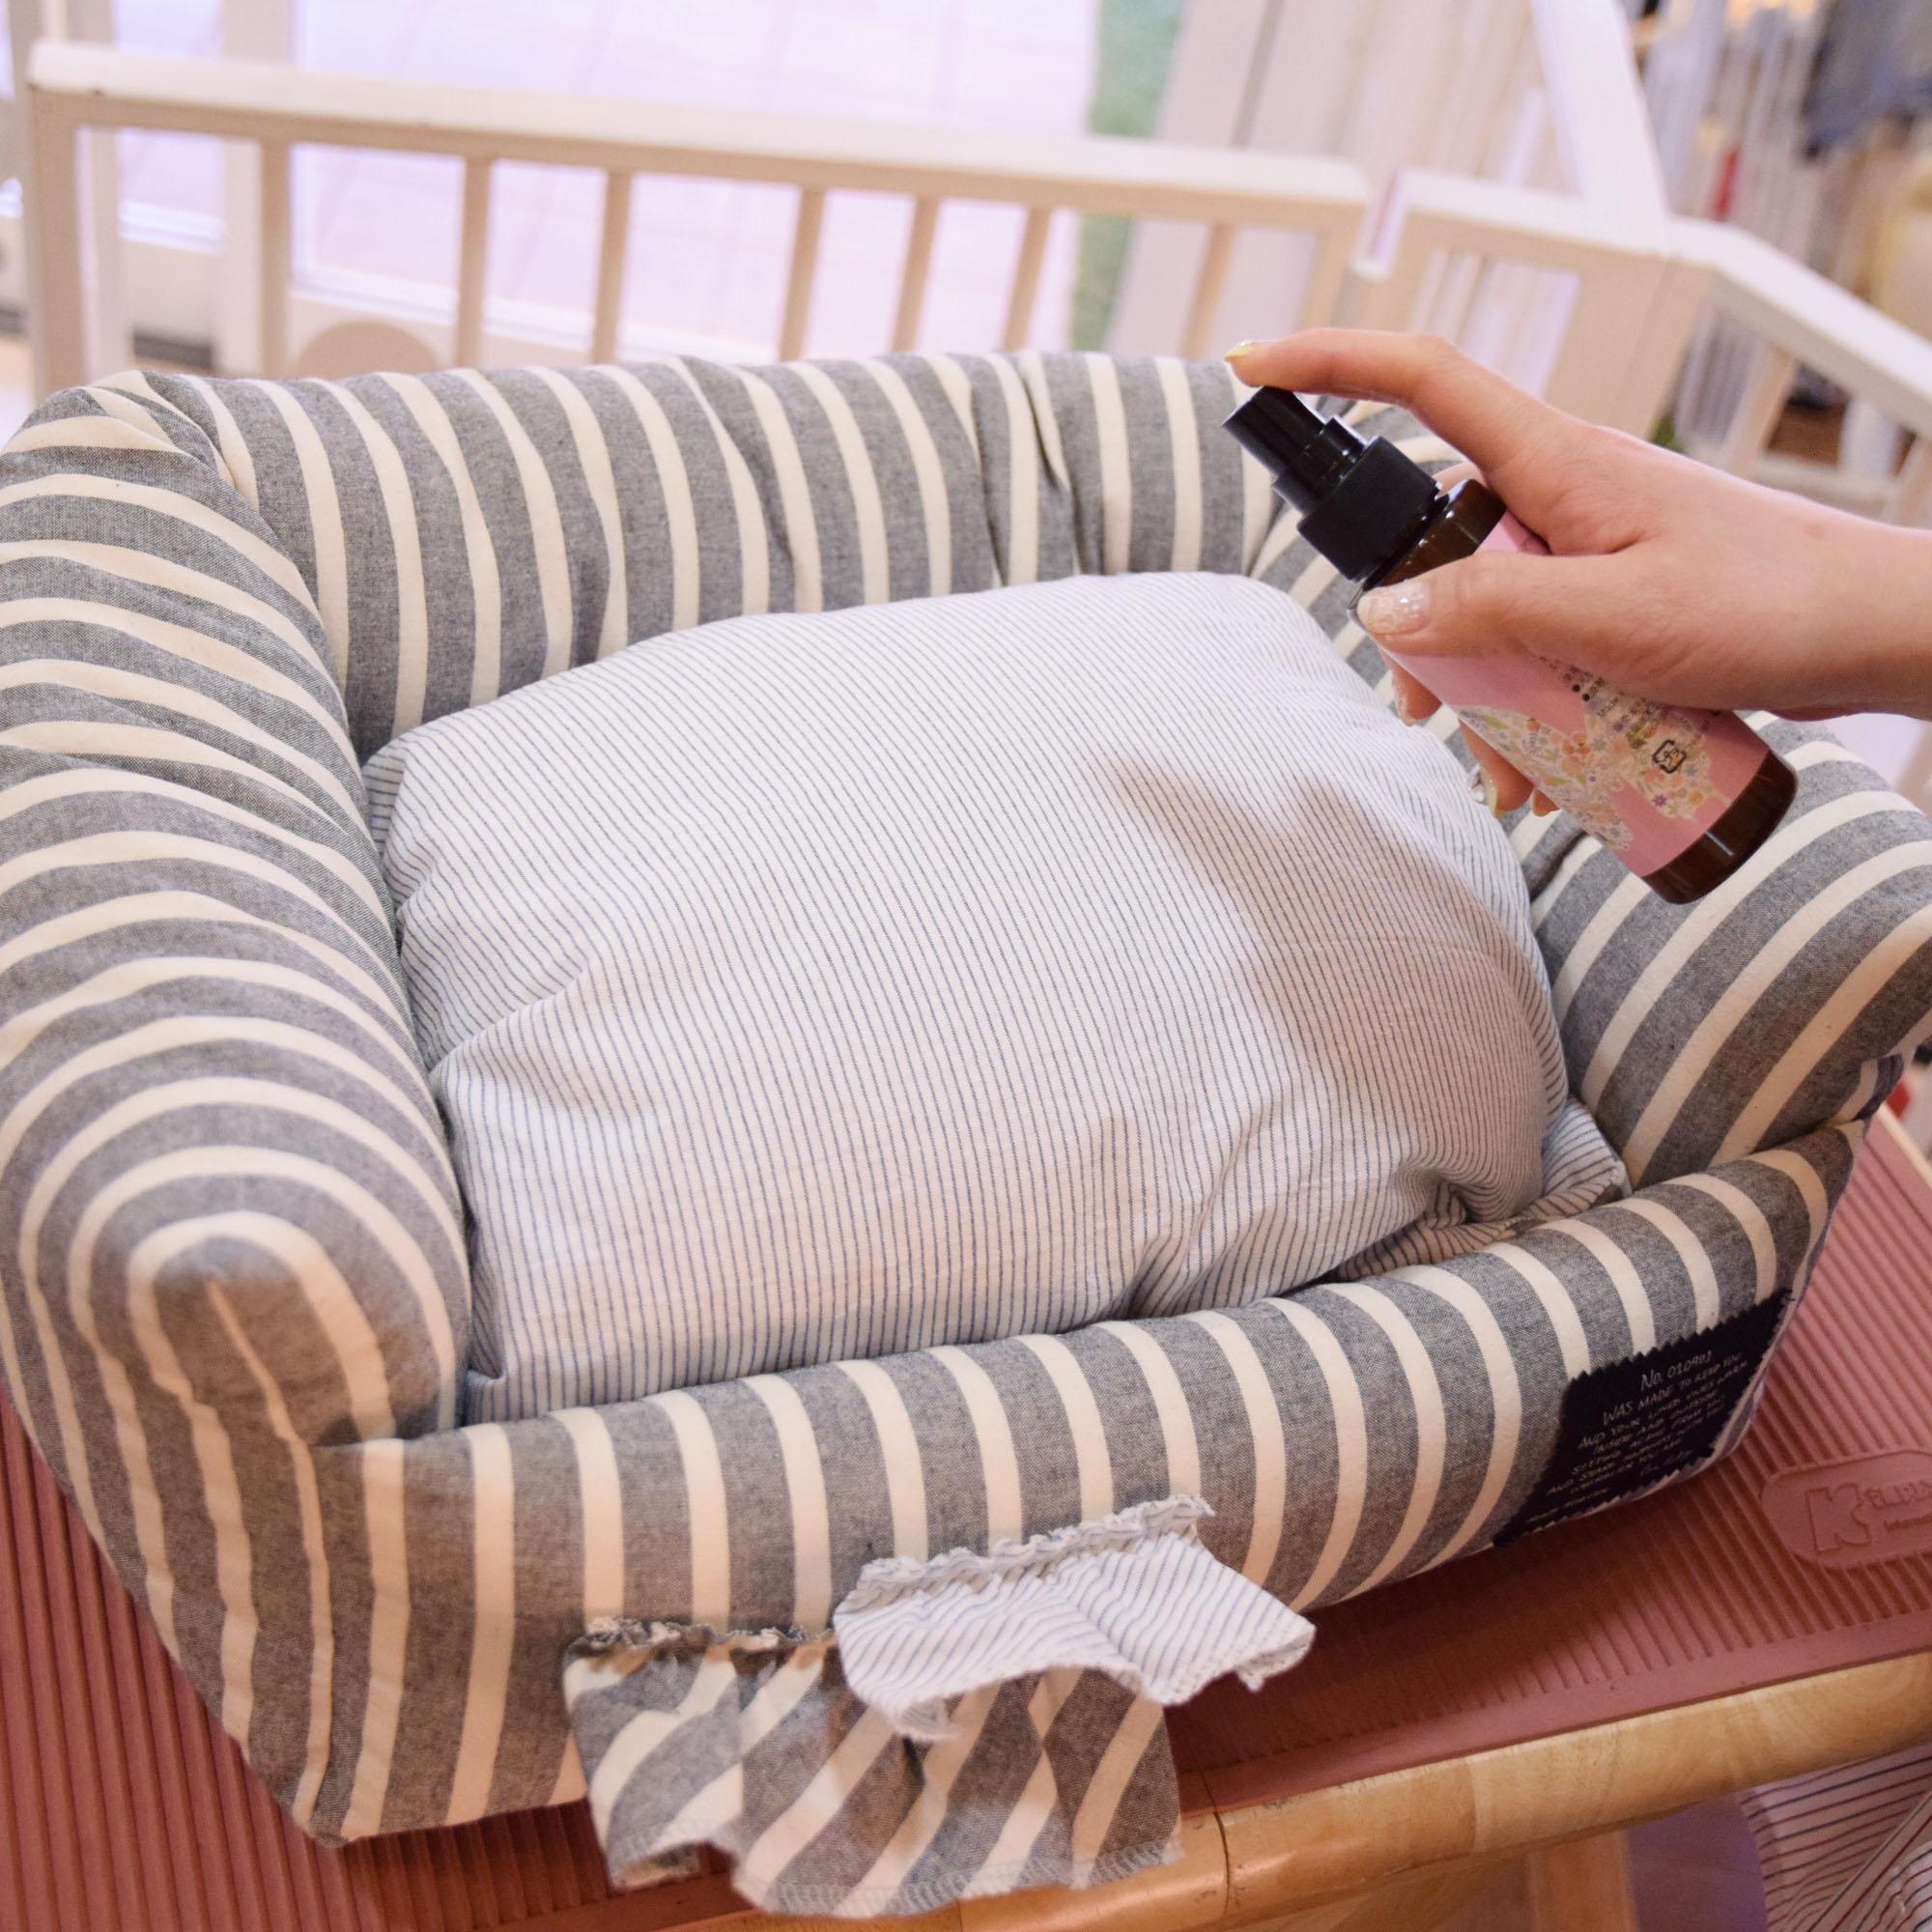 ●普段ワンちゃんが寝ているべッドやケージなど身の周りのものに使用して頂いても虫よけ効果が期待できます。